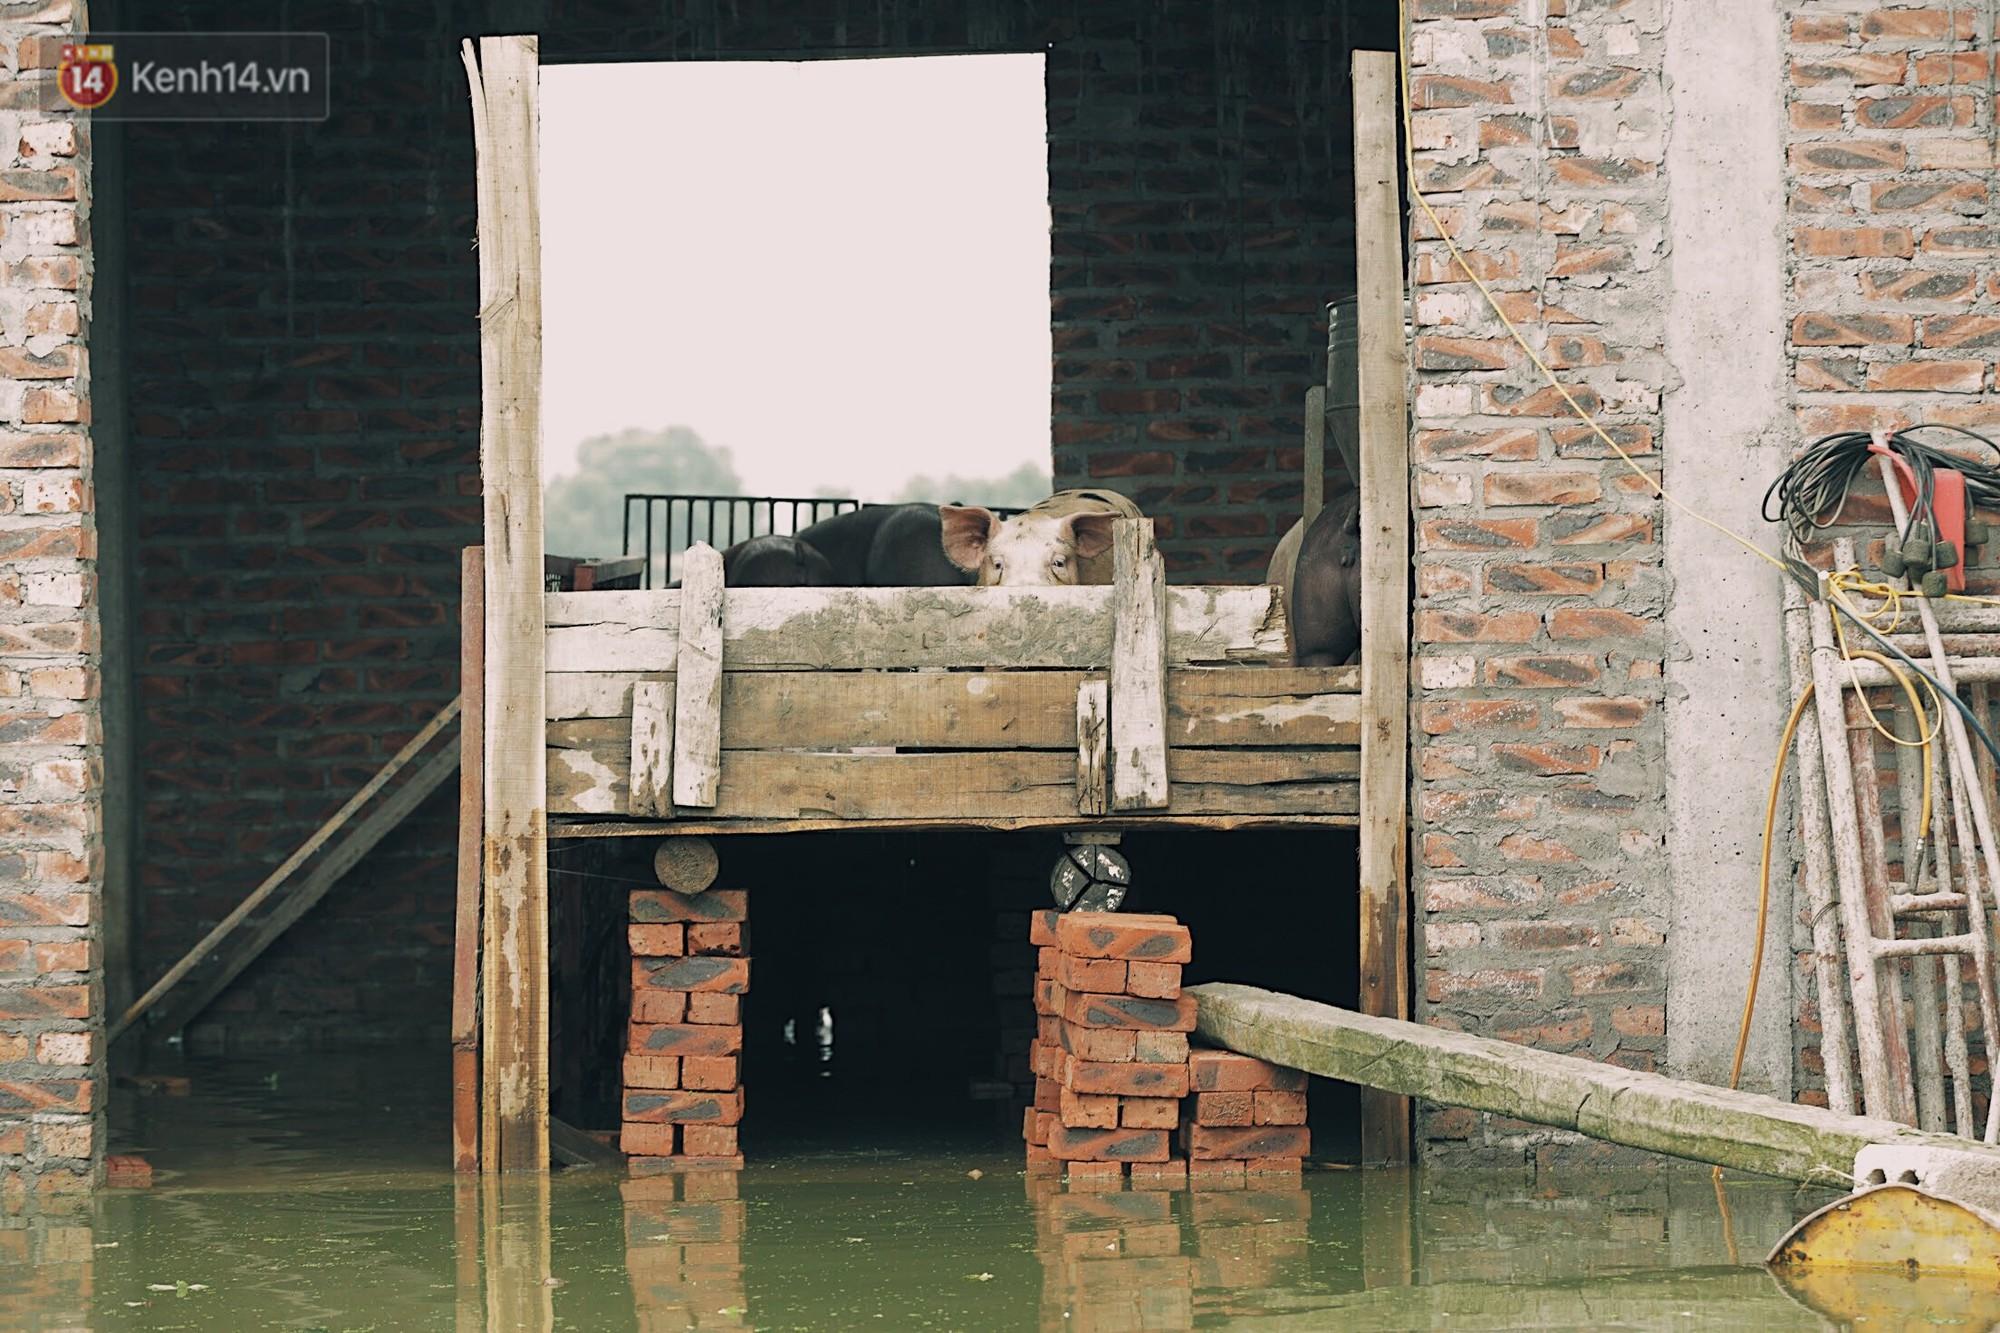 Những ngày lênh đênh ở Chương Mỹ: Trâu bò lặn ngụp, vịt trèo lên những mái nhà khi nước dâng đến tận nóc - Ảnh 13.